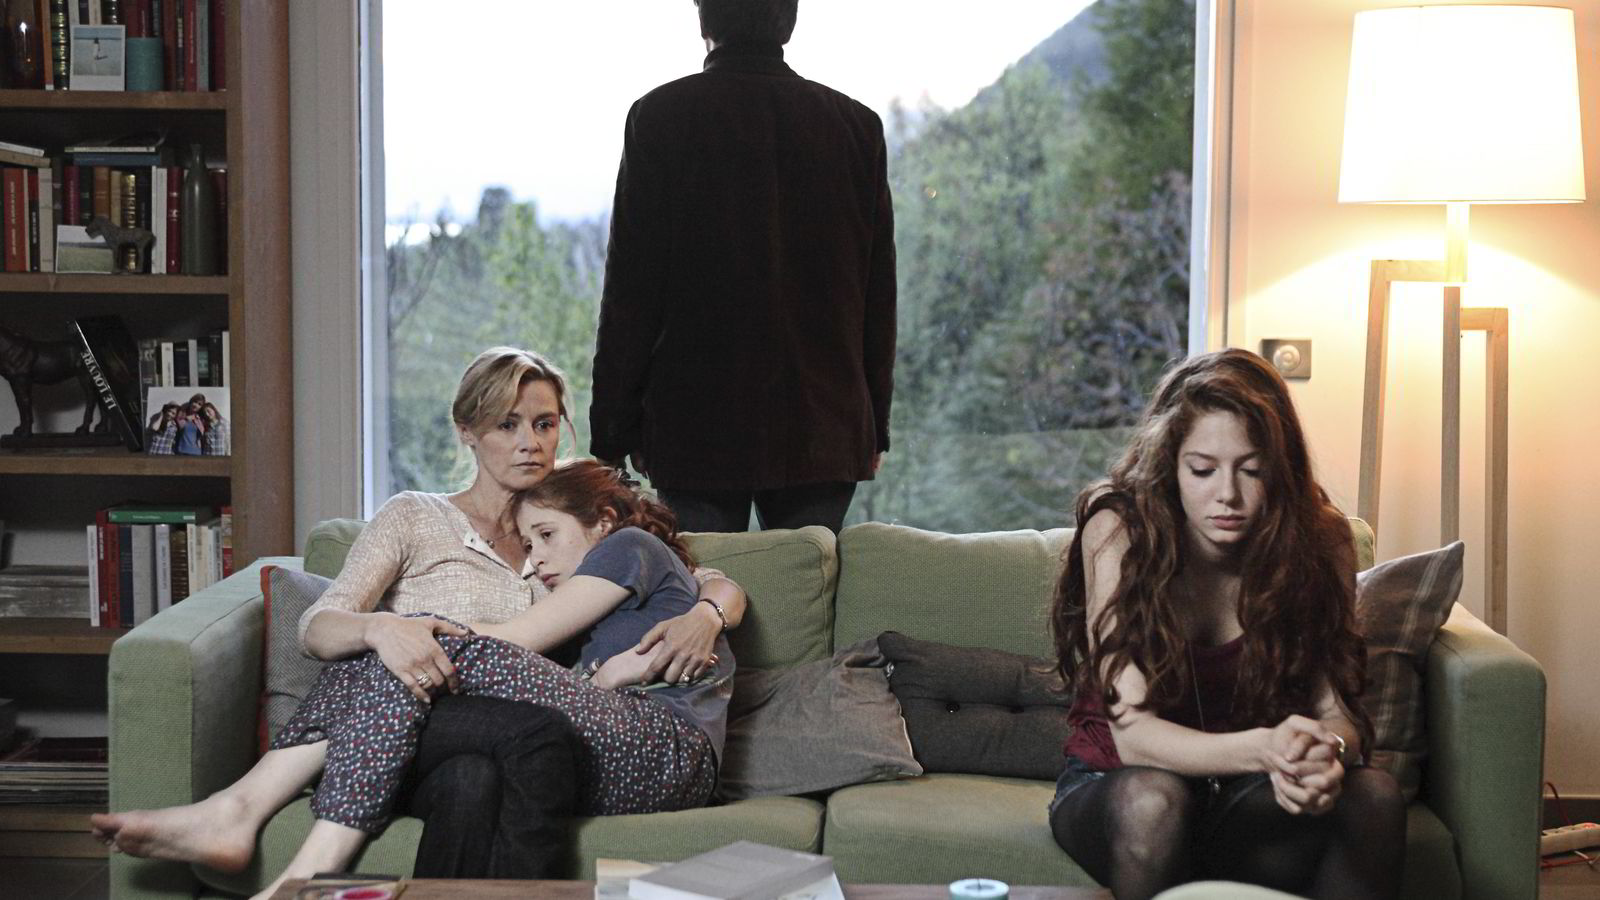 VAKKERT OG UHYGGELIG. De døde kommer tilbake som om ingenting er skjedd og vil gjenoppta sine gamle liv, i den franske serien «Gjengangerne». Her er Camille (Yara Pilartz) tilbake hos moren.